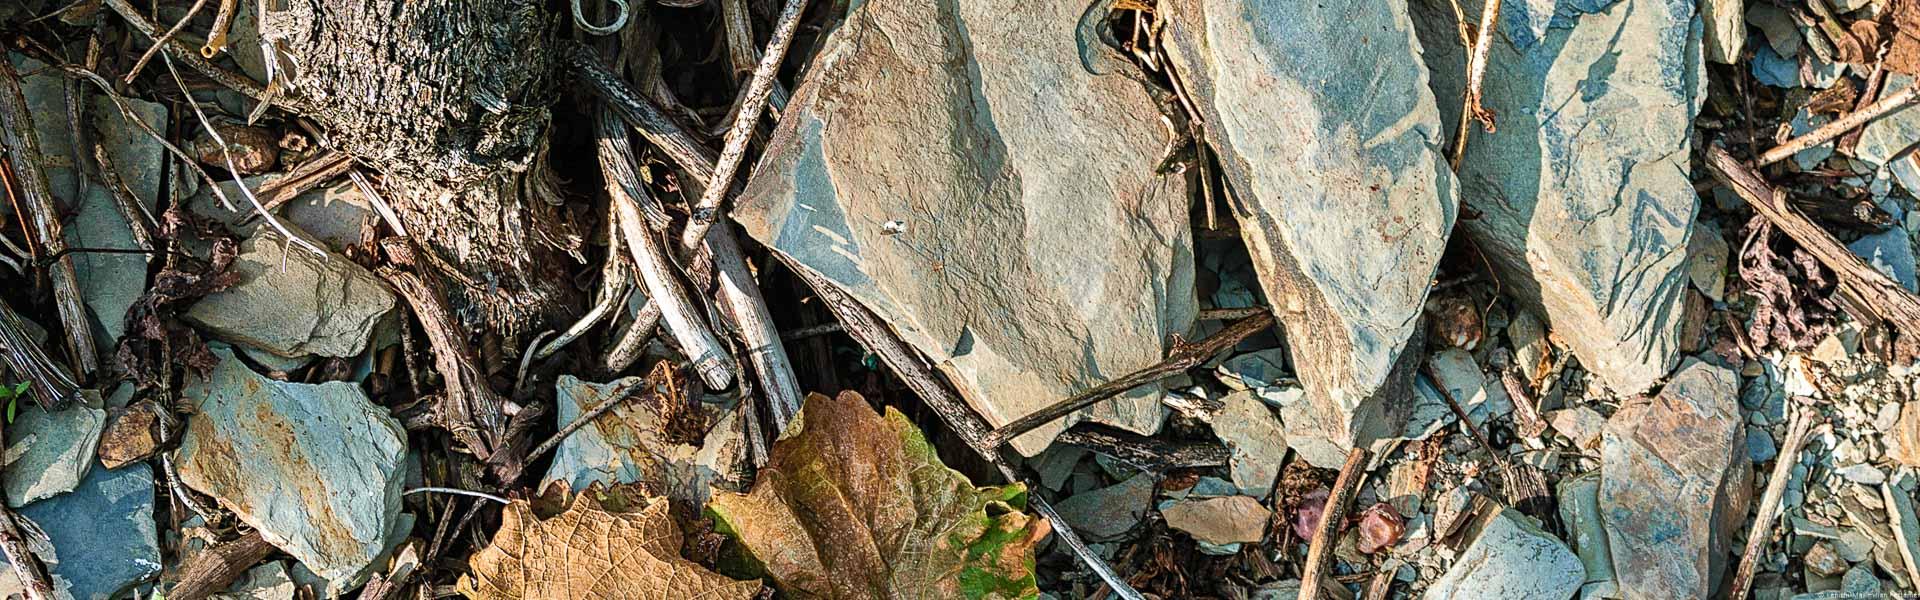 Blaue und graue Schiefer sind für die Mosel typisch.